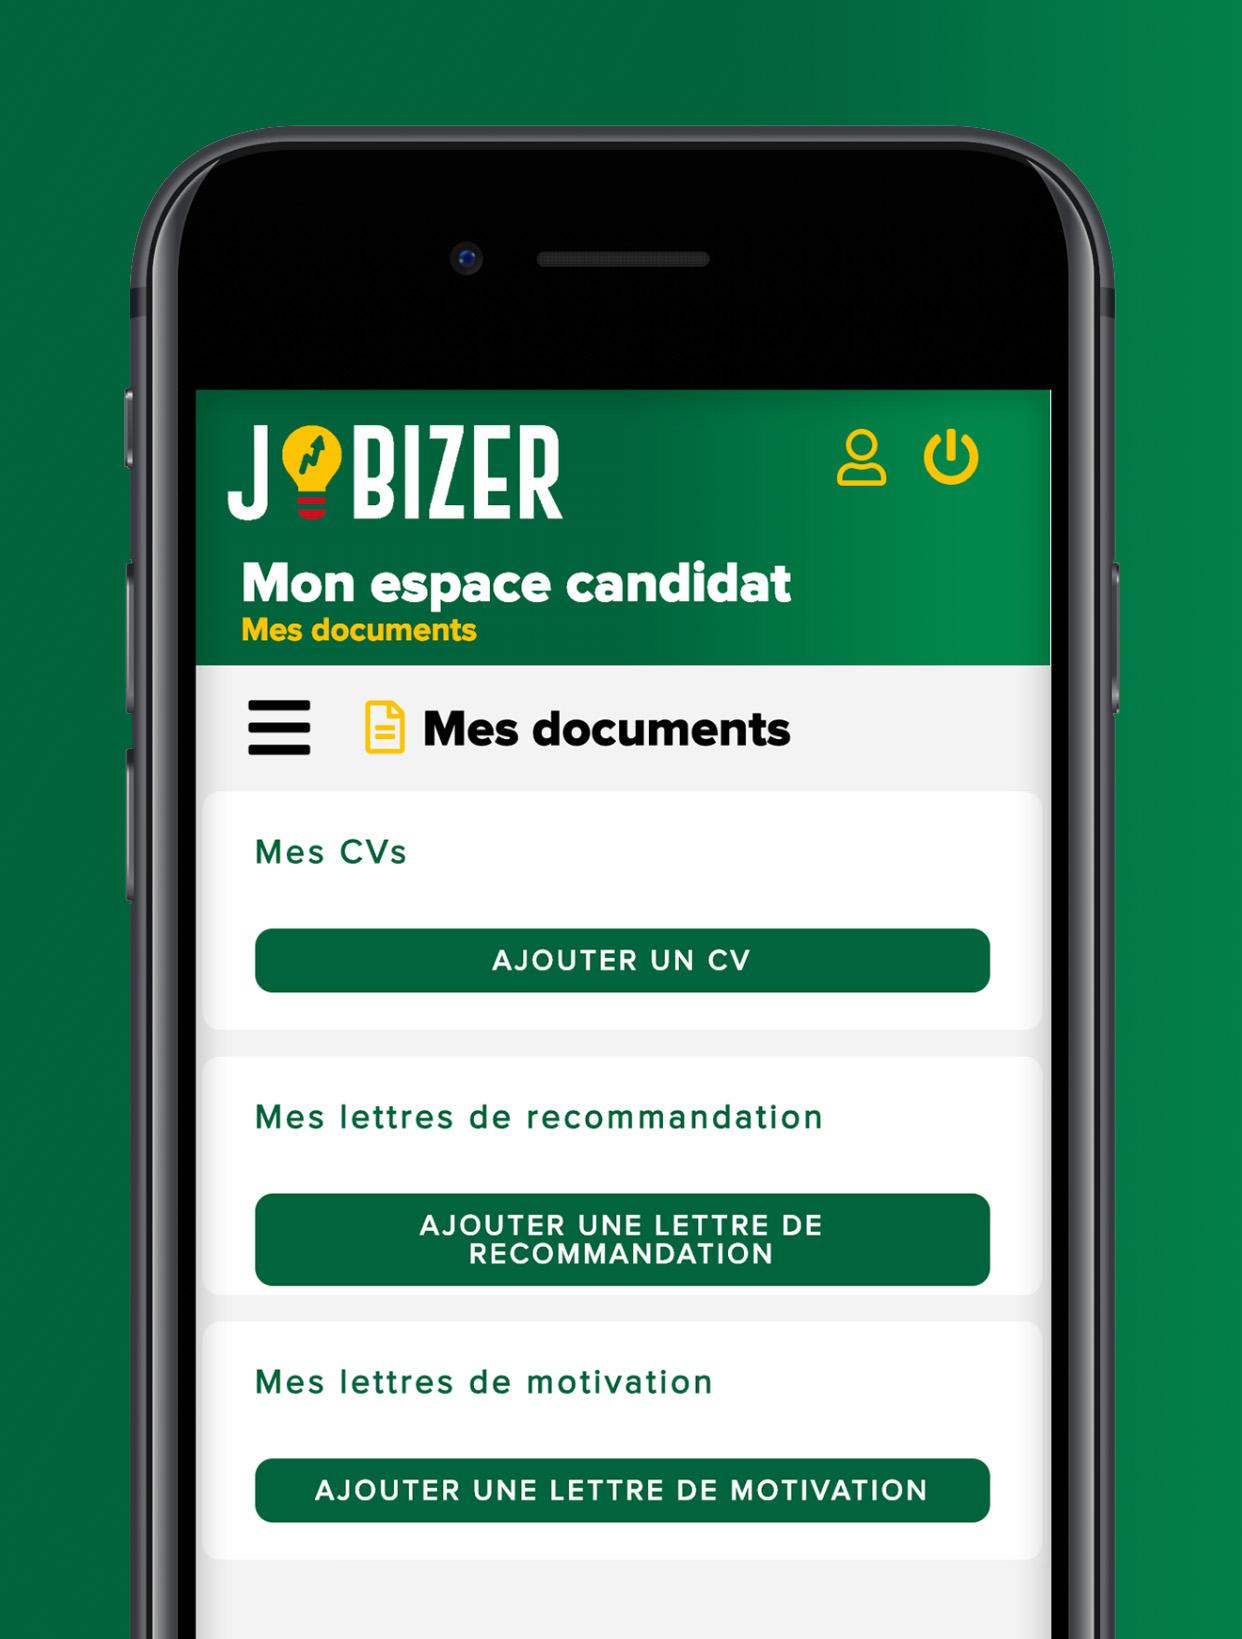 Jobizer-app-mobile-realise